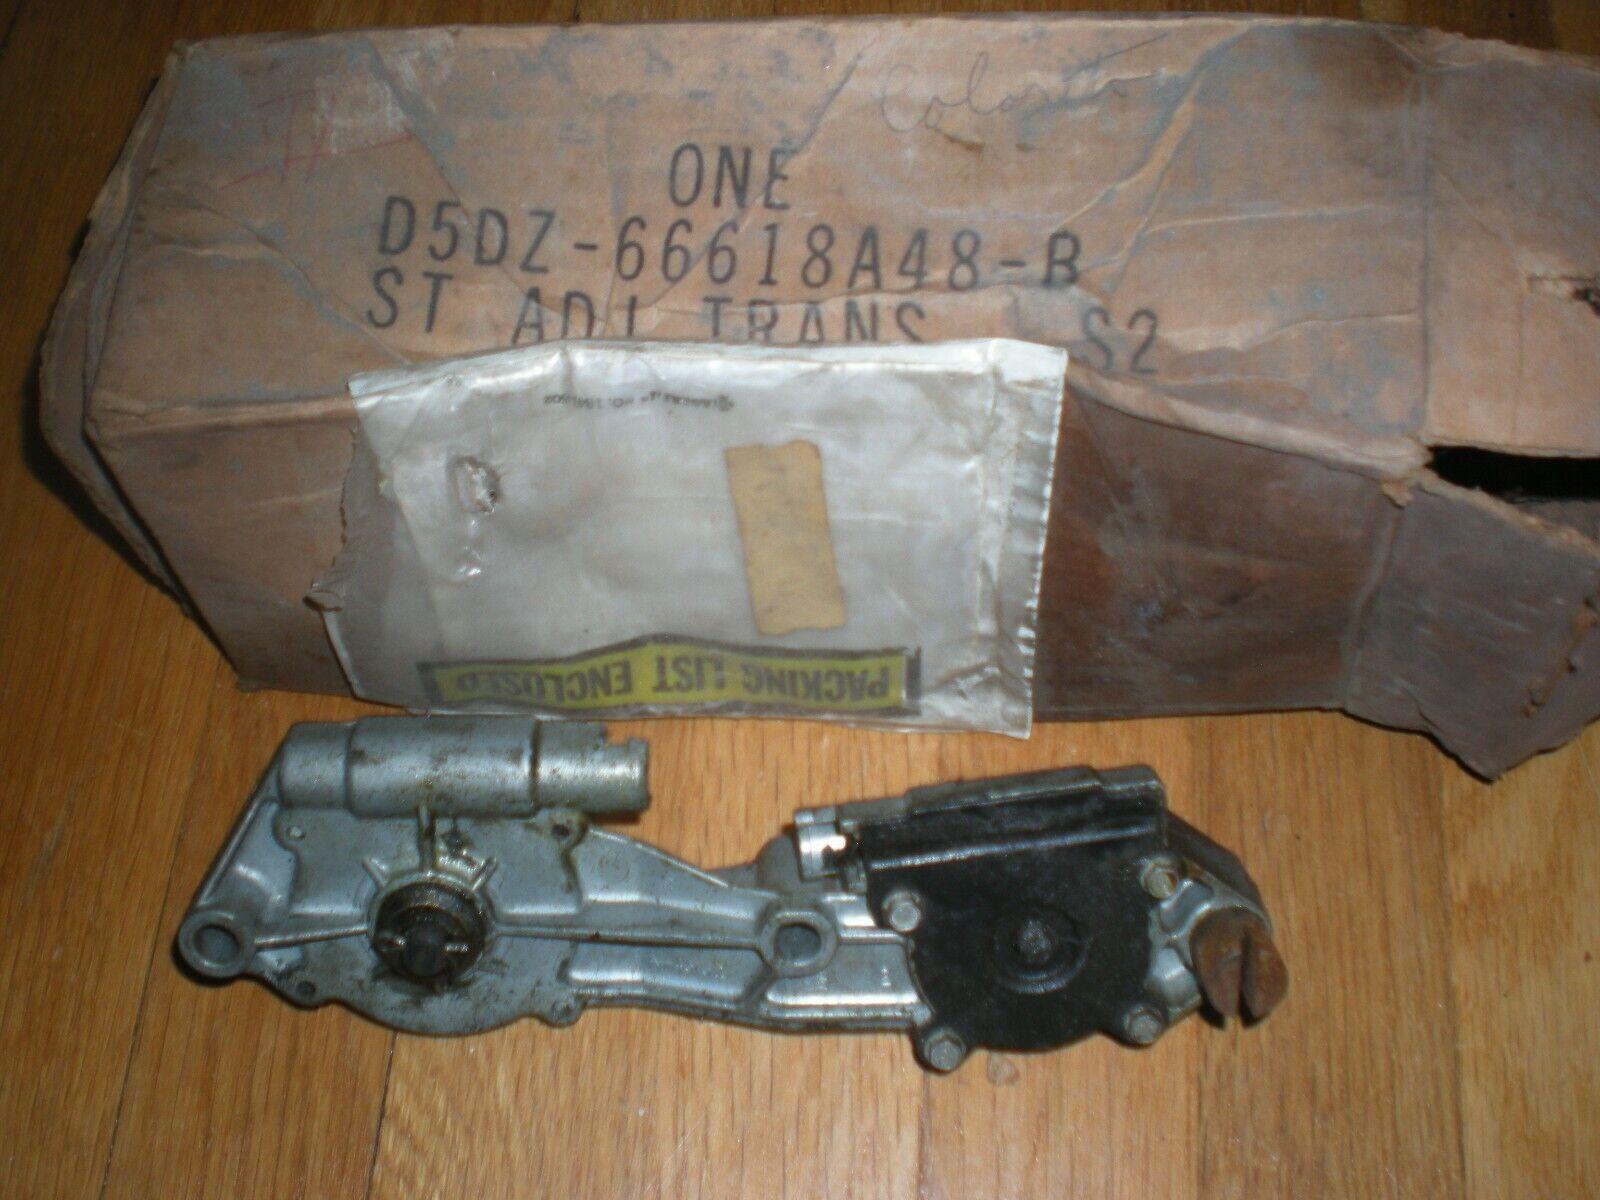 NOS 1975 - 1979 Ford Granada Front Seat Adjusting Transmission D5DZ-66618A48-B